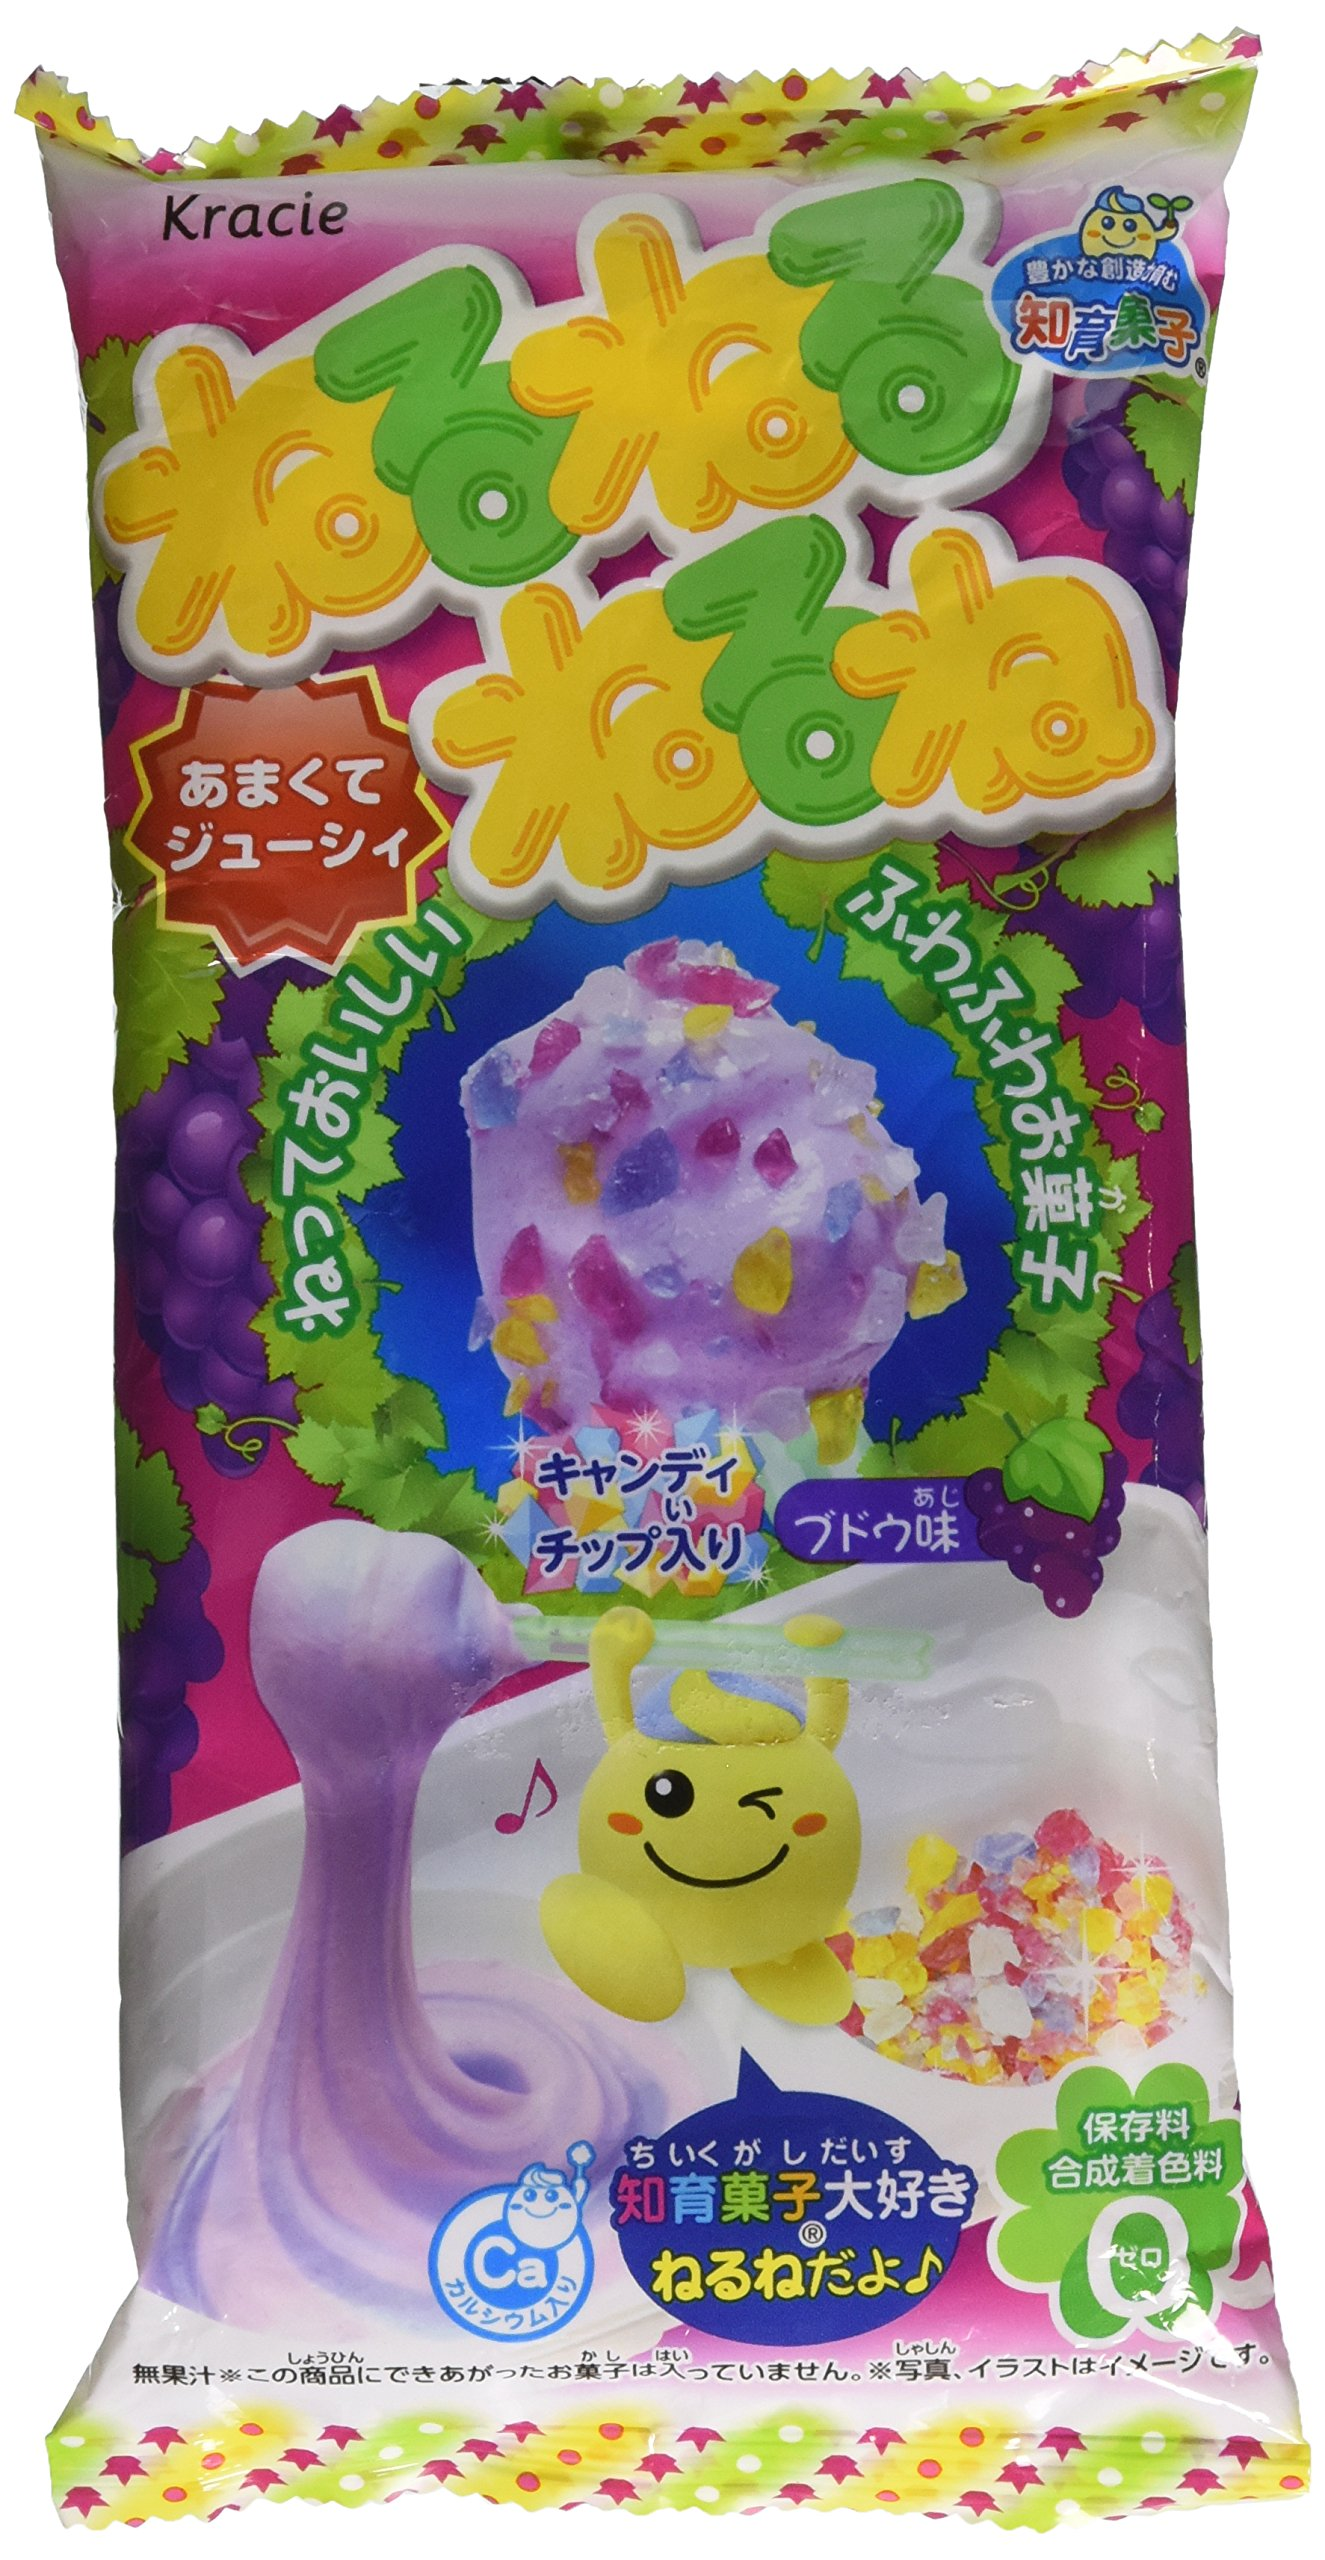 Popin Cookin DIY Nerunerunerune Candy Paste Grape Flavor by Kracie